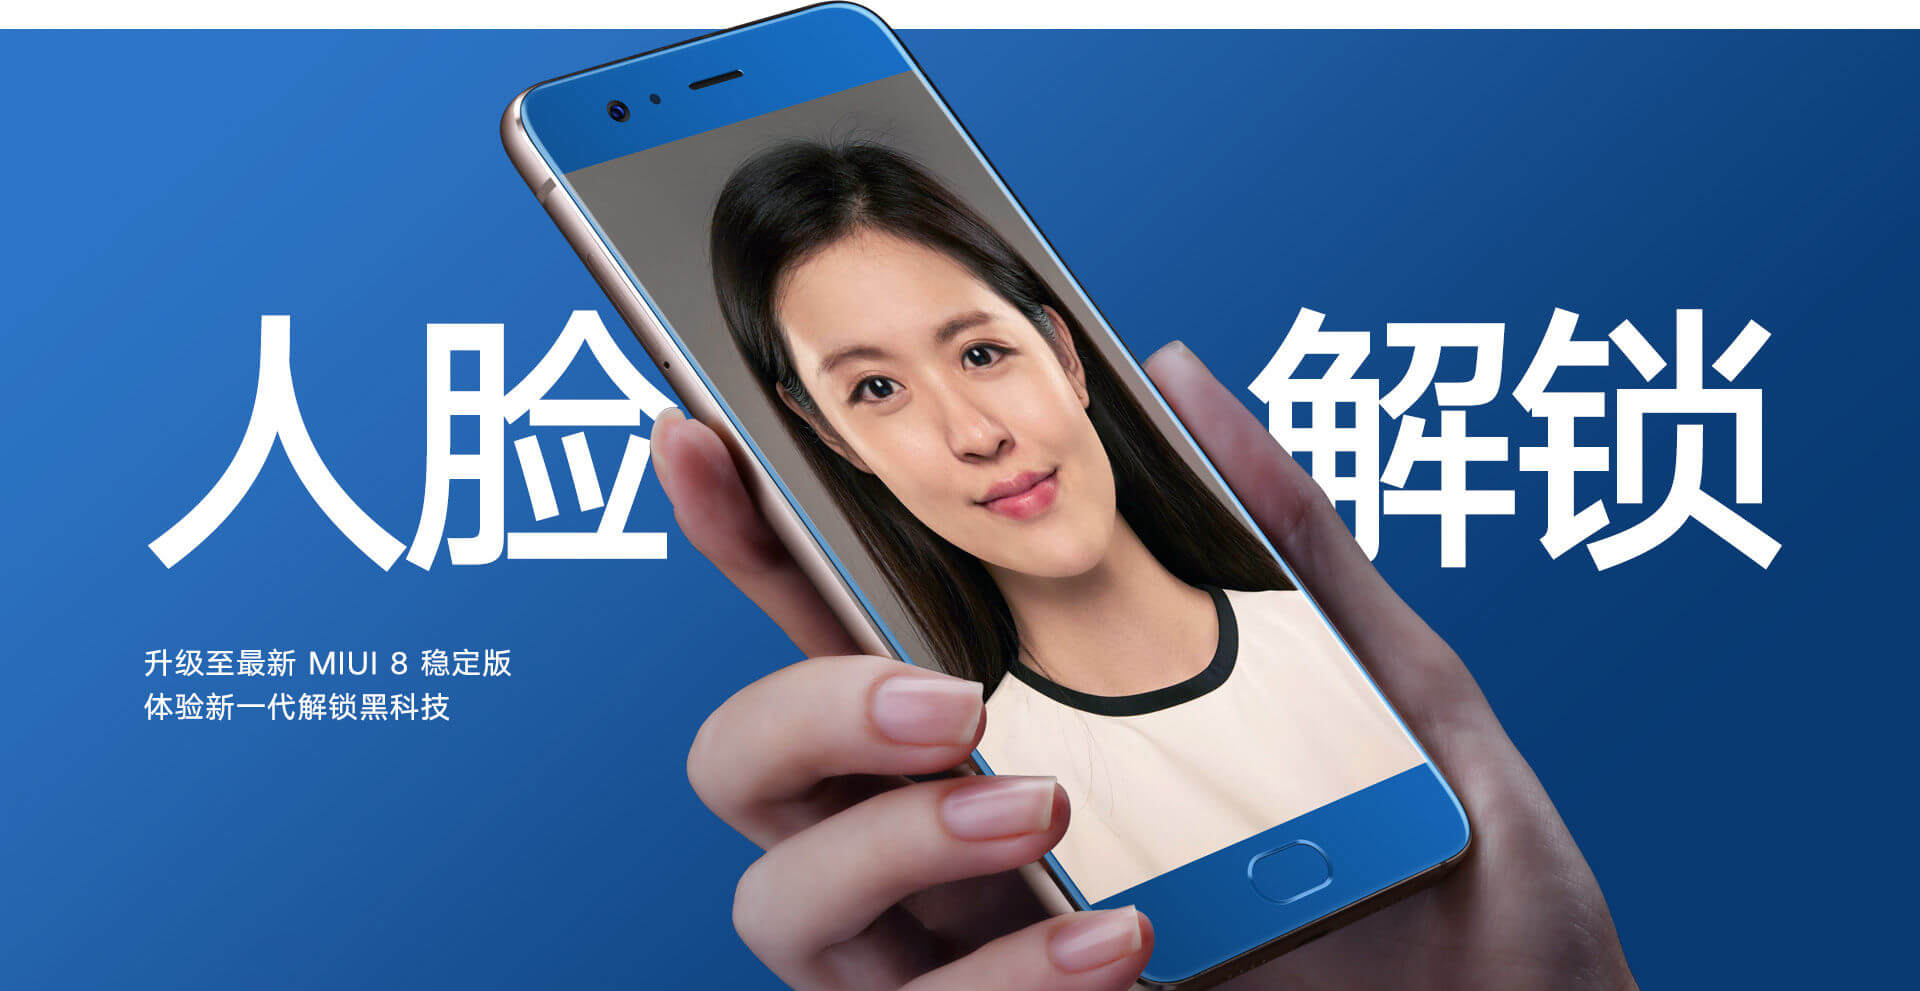 郭明錤:安卓厂商或将抛弃屏下指纹技术转向面部识别技术